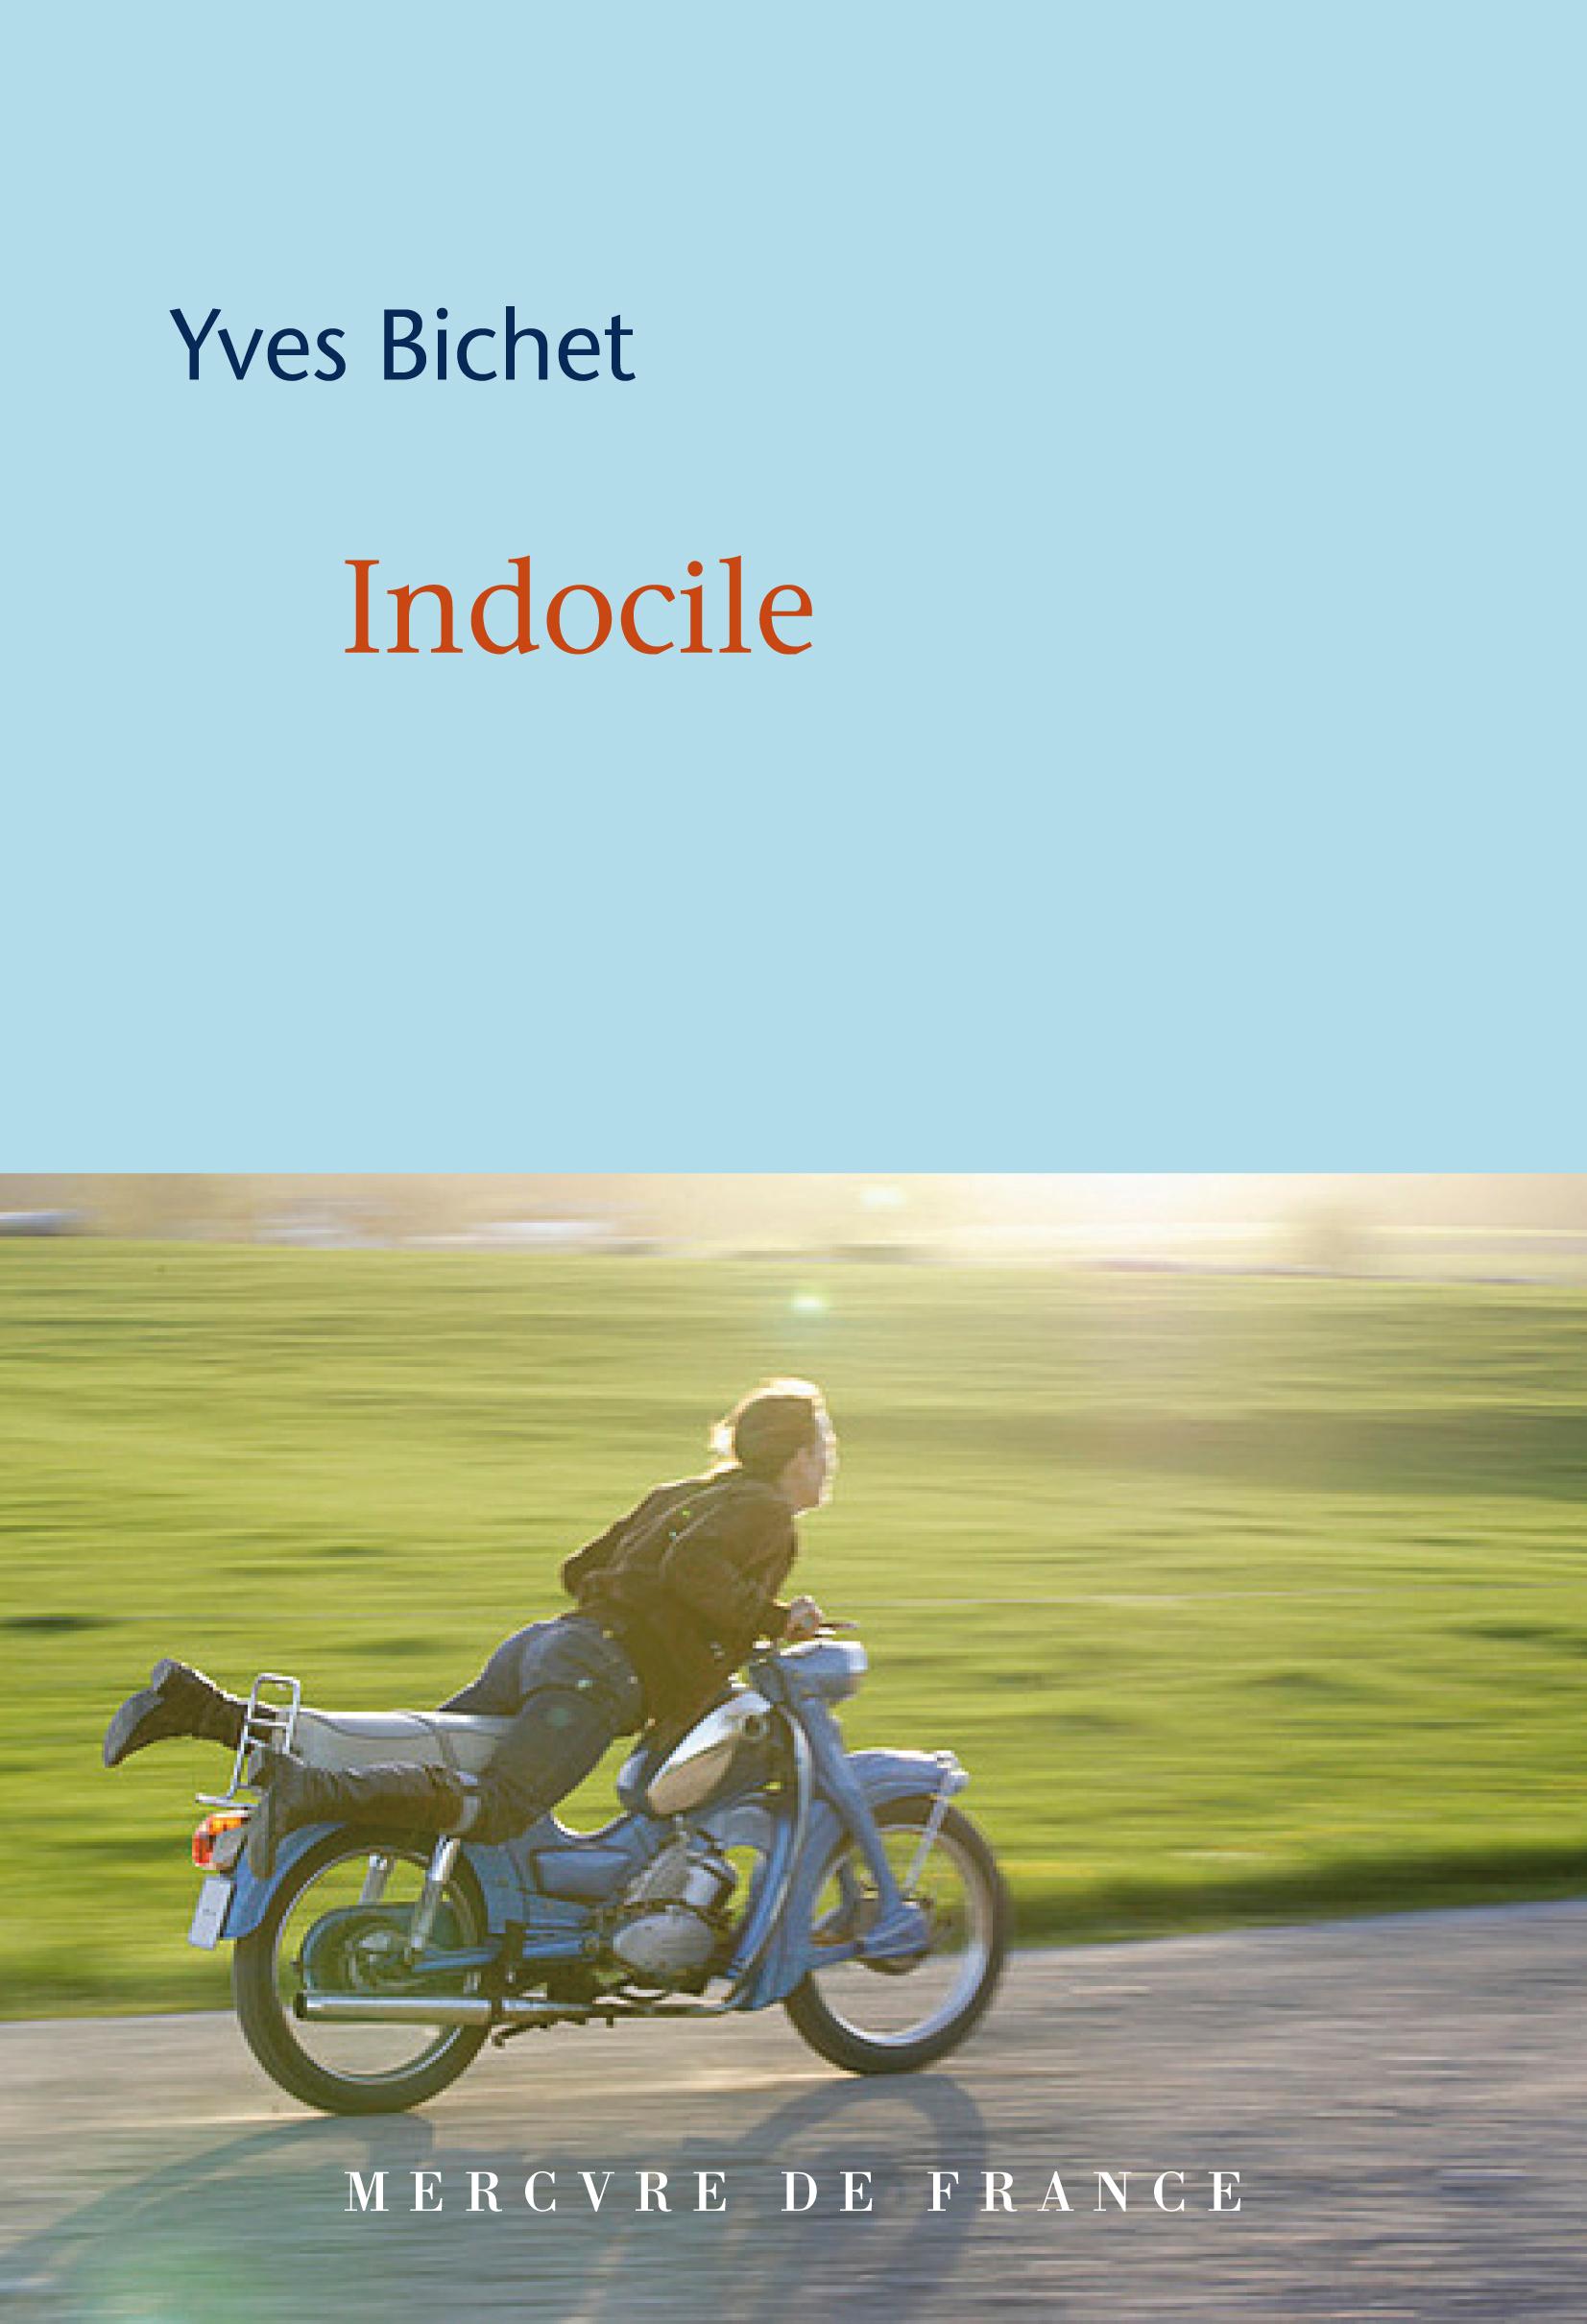 Indocile